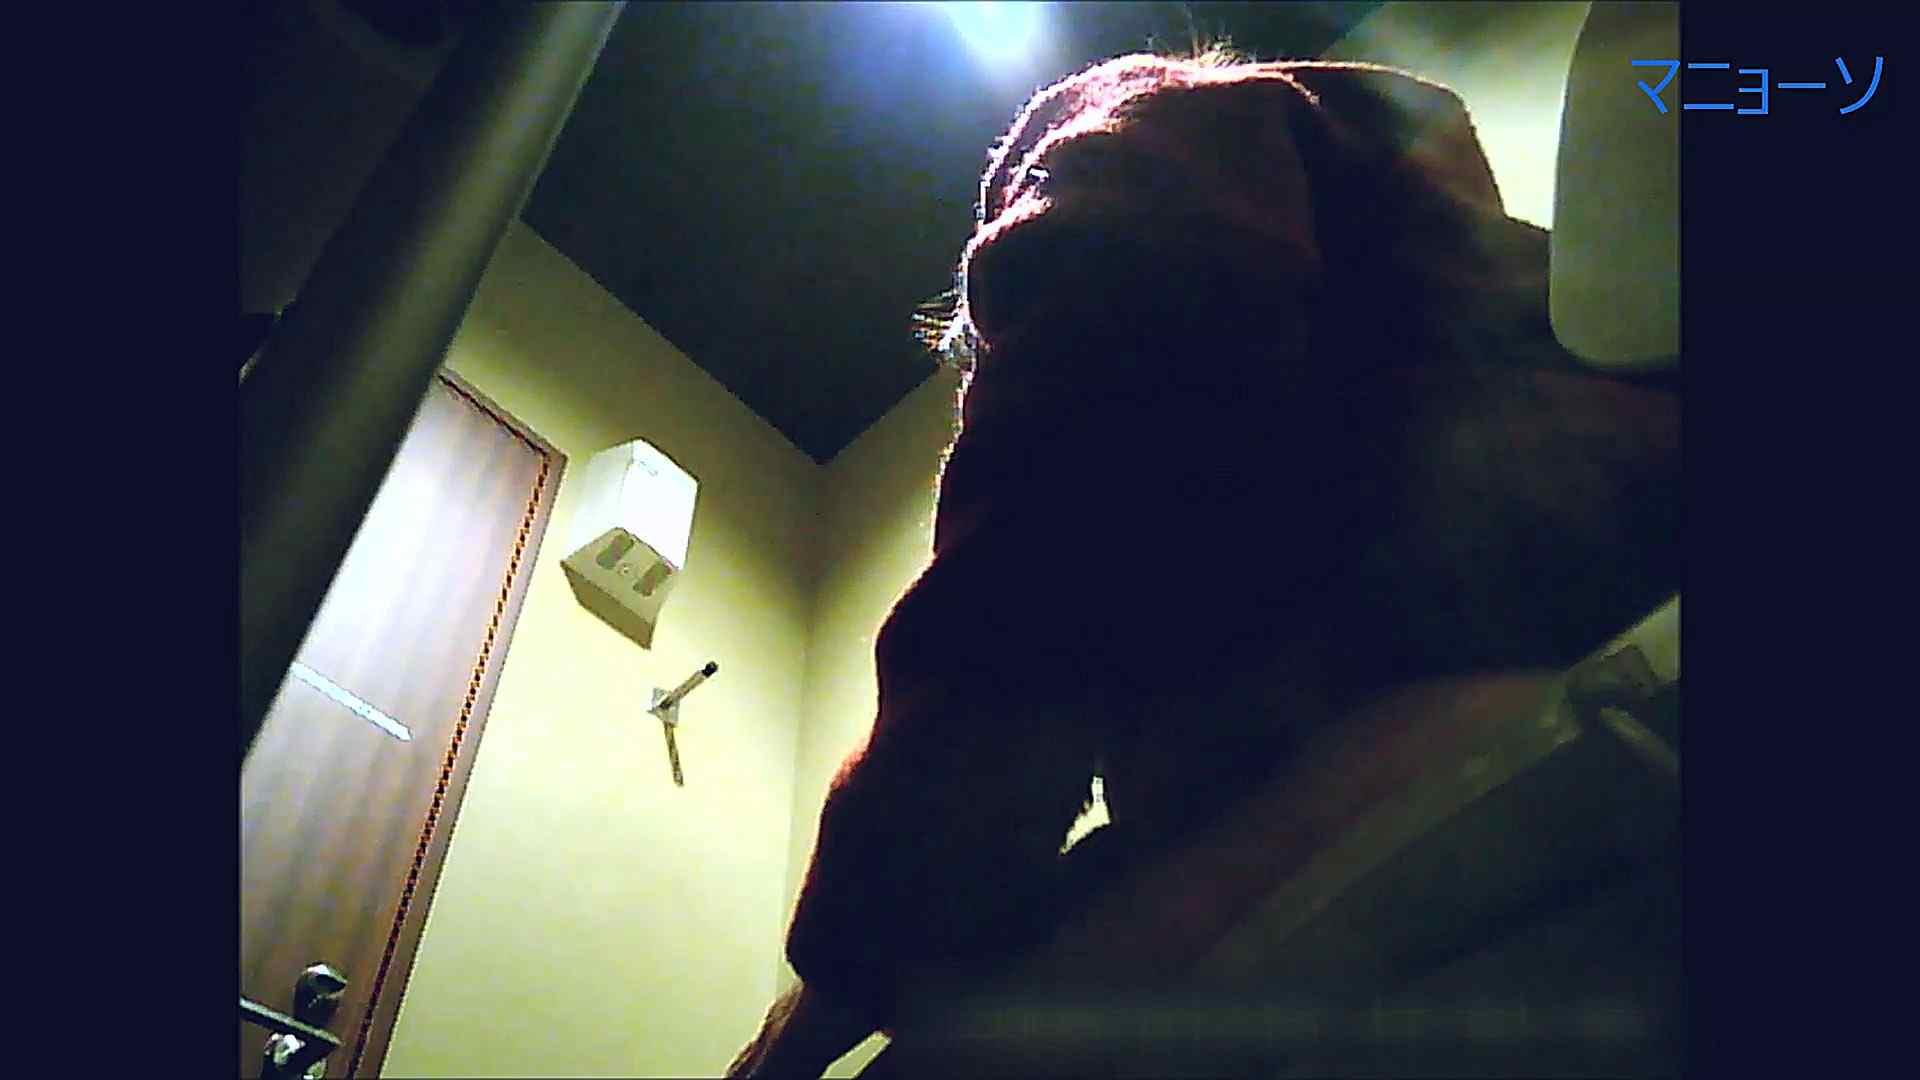 トイレでひと肌脱いでもらいました (JD編)Vol.07 OL  89pic 24